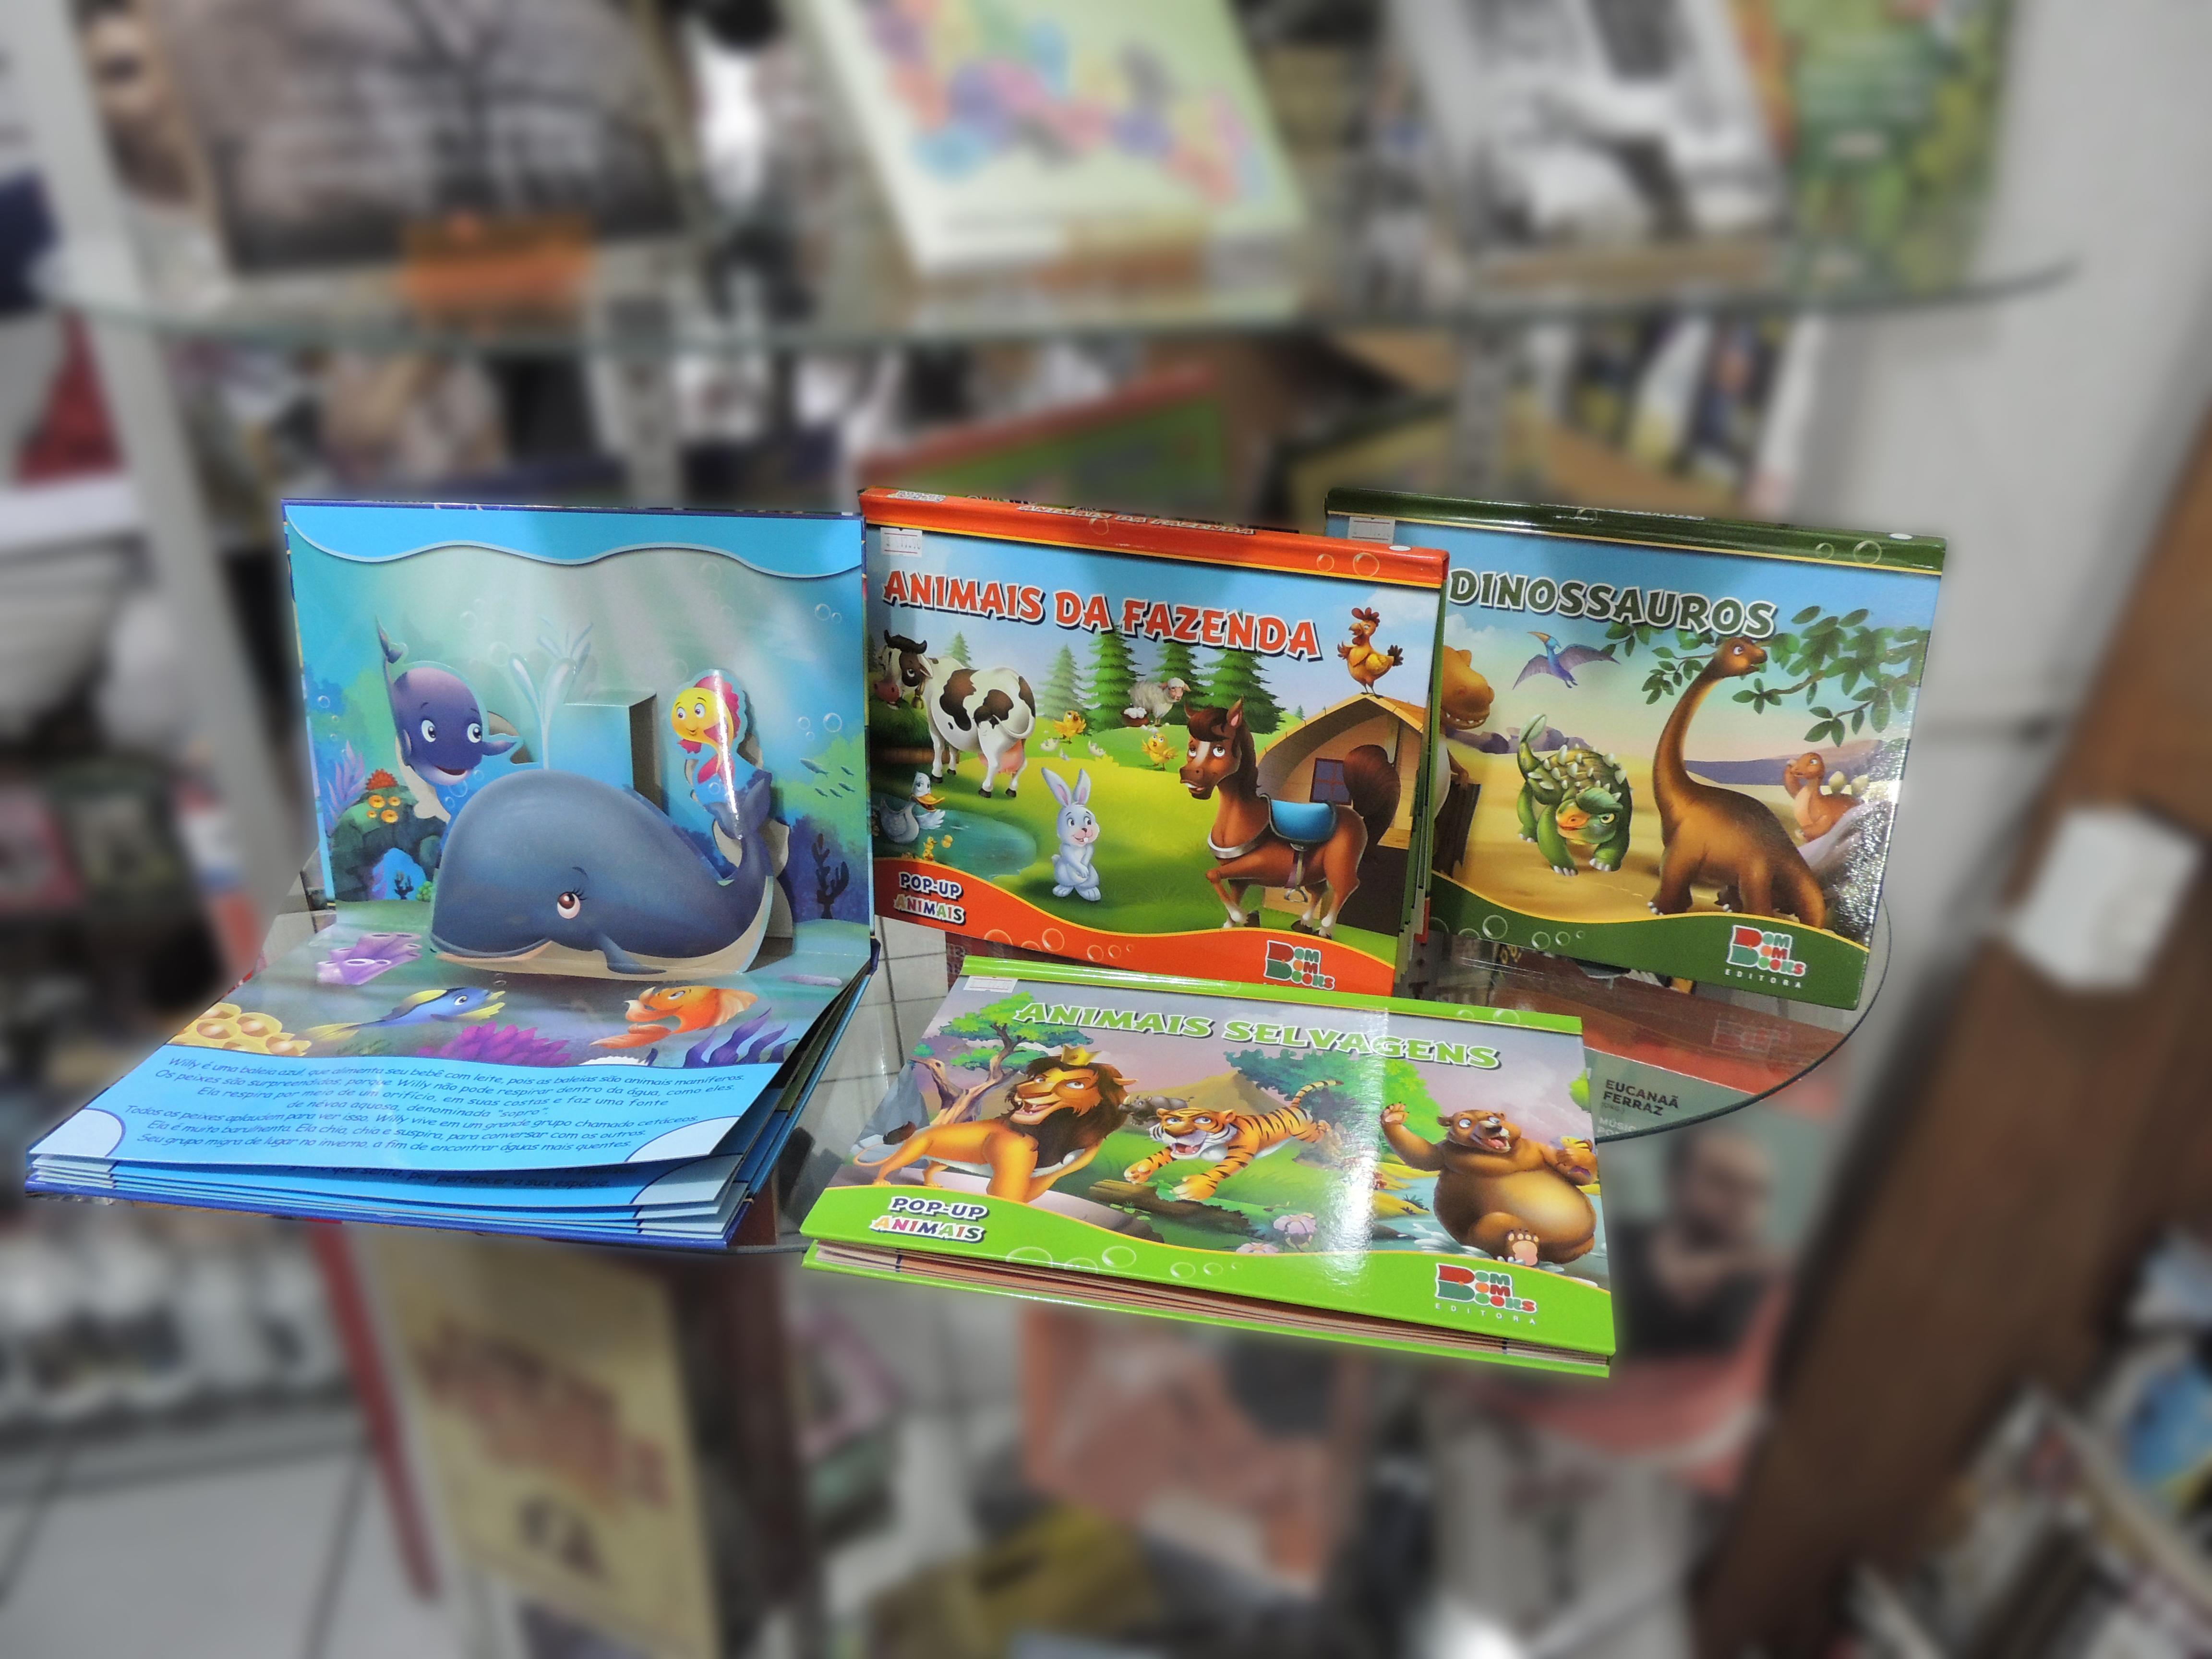 Coleção de livros da turma da Mônica, com Lendas brasileiras, fábulas  ilustradas e clássicos ilustrados, com preço promocional a 5,00. c05e394d1b